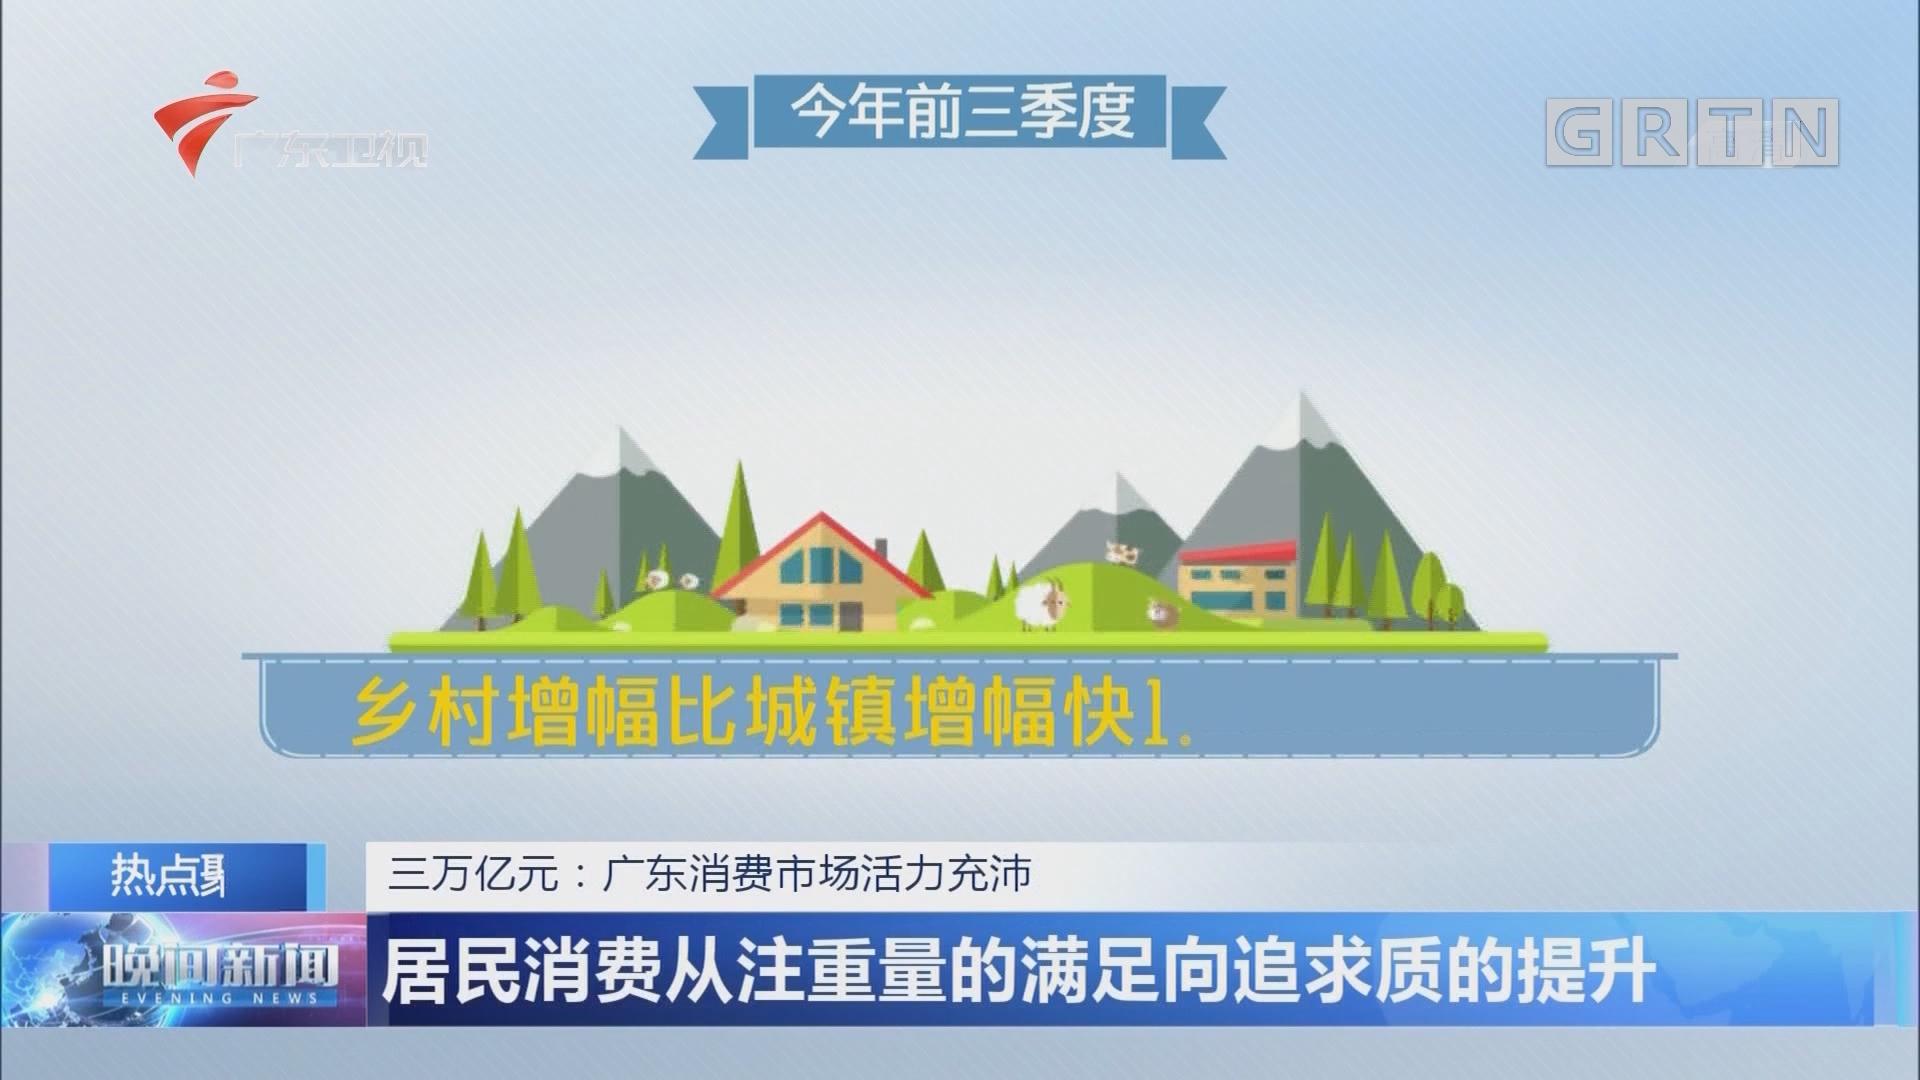 三万亿元:广东消费市场活力充沛 居民消费从注重量的满足向追求质的提升